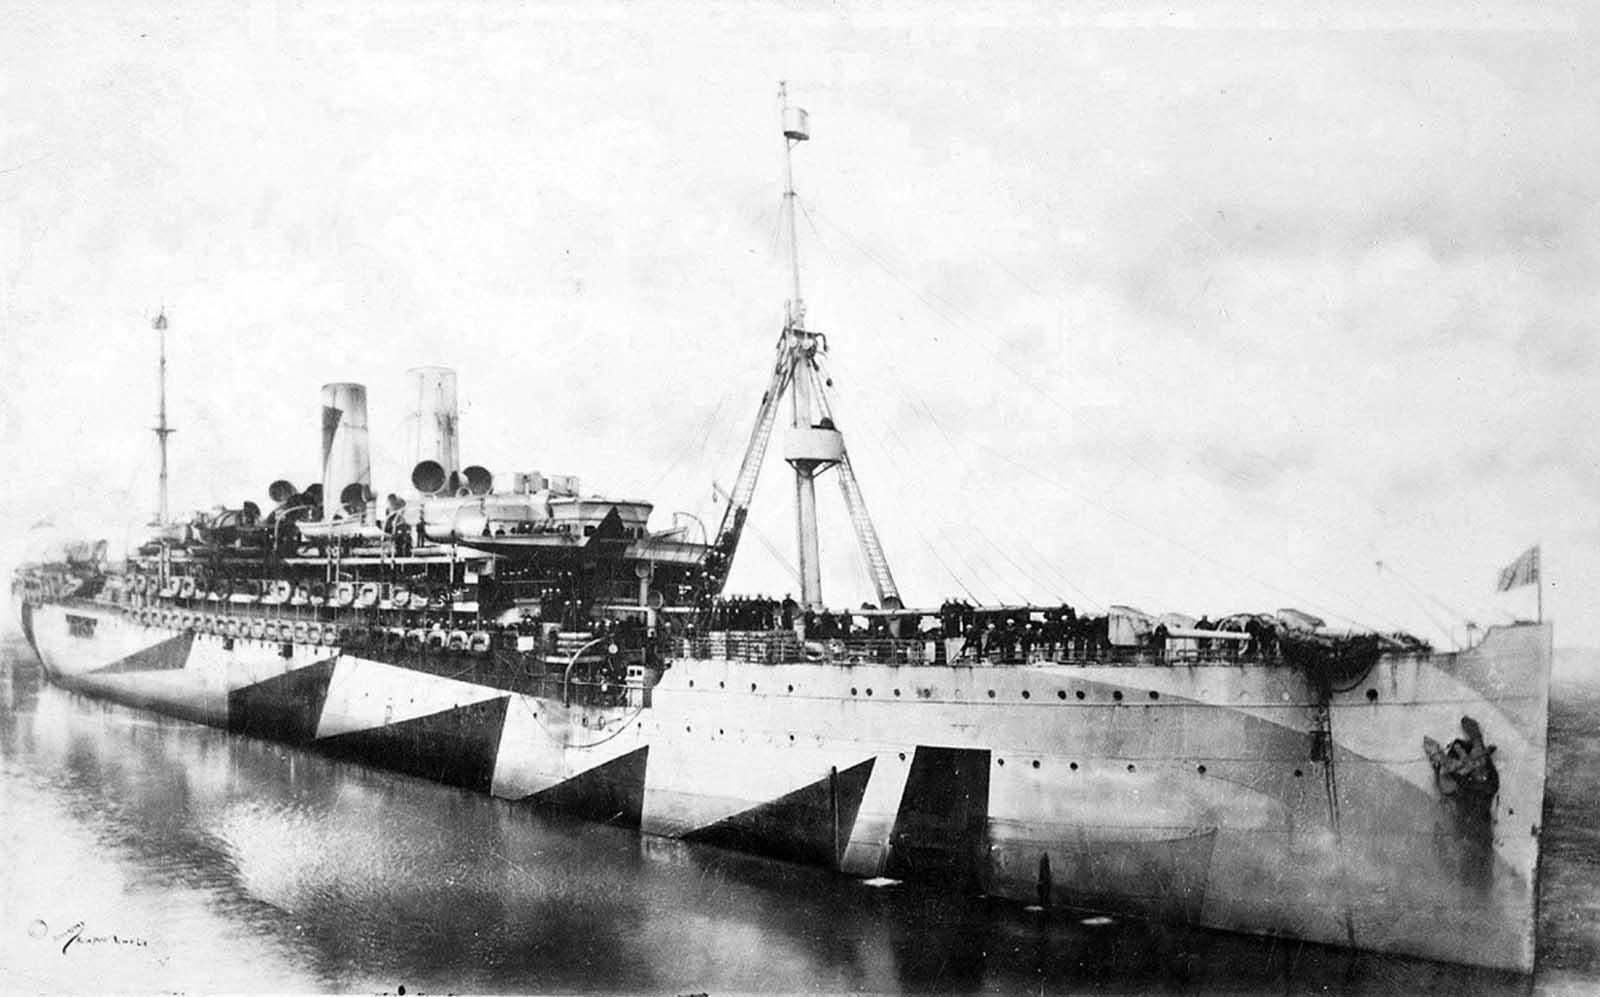 El USS Pocahontas, un barco de transporte de la Armada de los EE. UU., Fotografiado en camuflaje Dazzle, en 1918. Originalmente, el barco era un buque de pasajeros alemán llamado Prinzess Irene. Fue atracada en Nueva York al comienzo de la guerra, y fue capturada por los Estados Unidos cuando entró en conflicto en abril de 1917, y se rebautizó como Pocahontas.